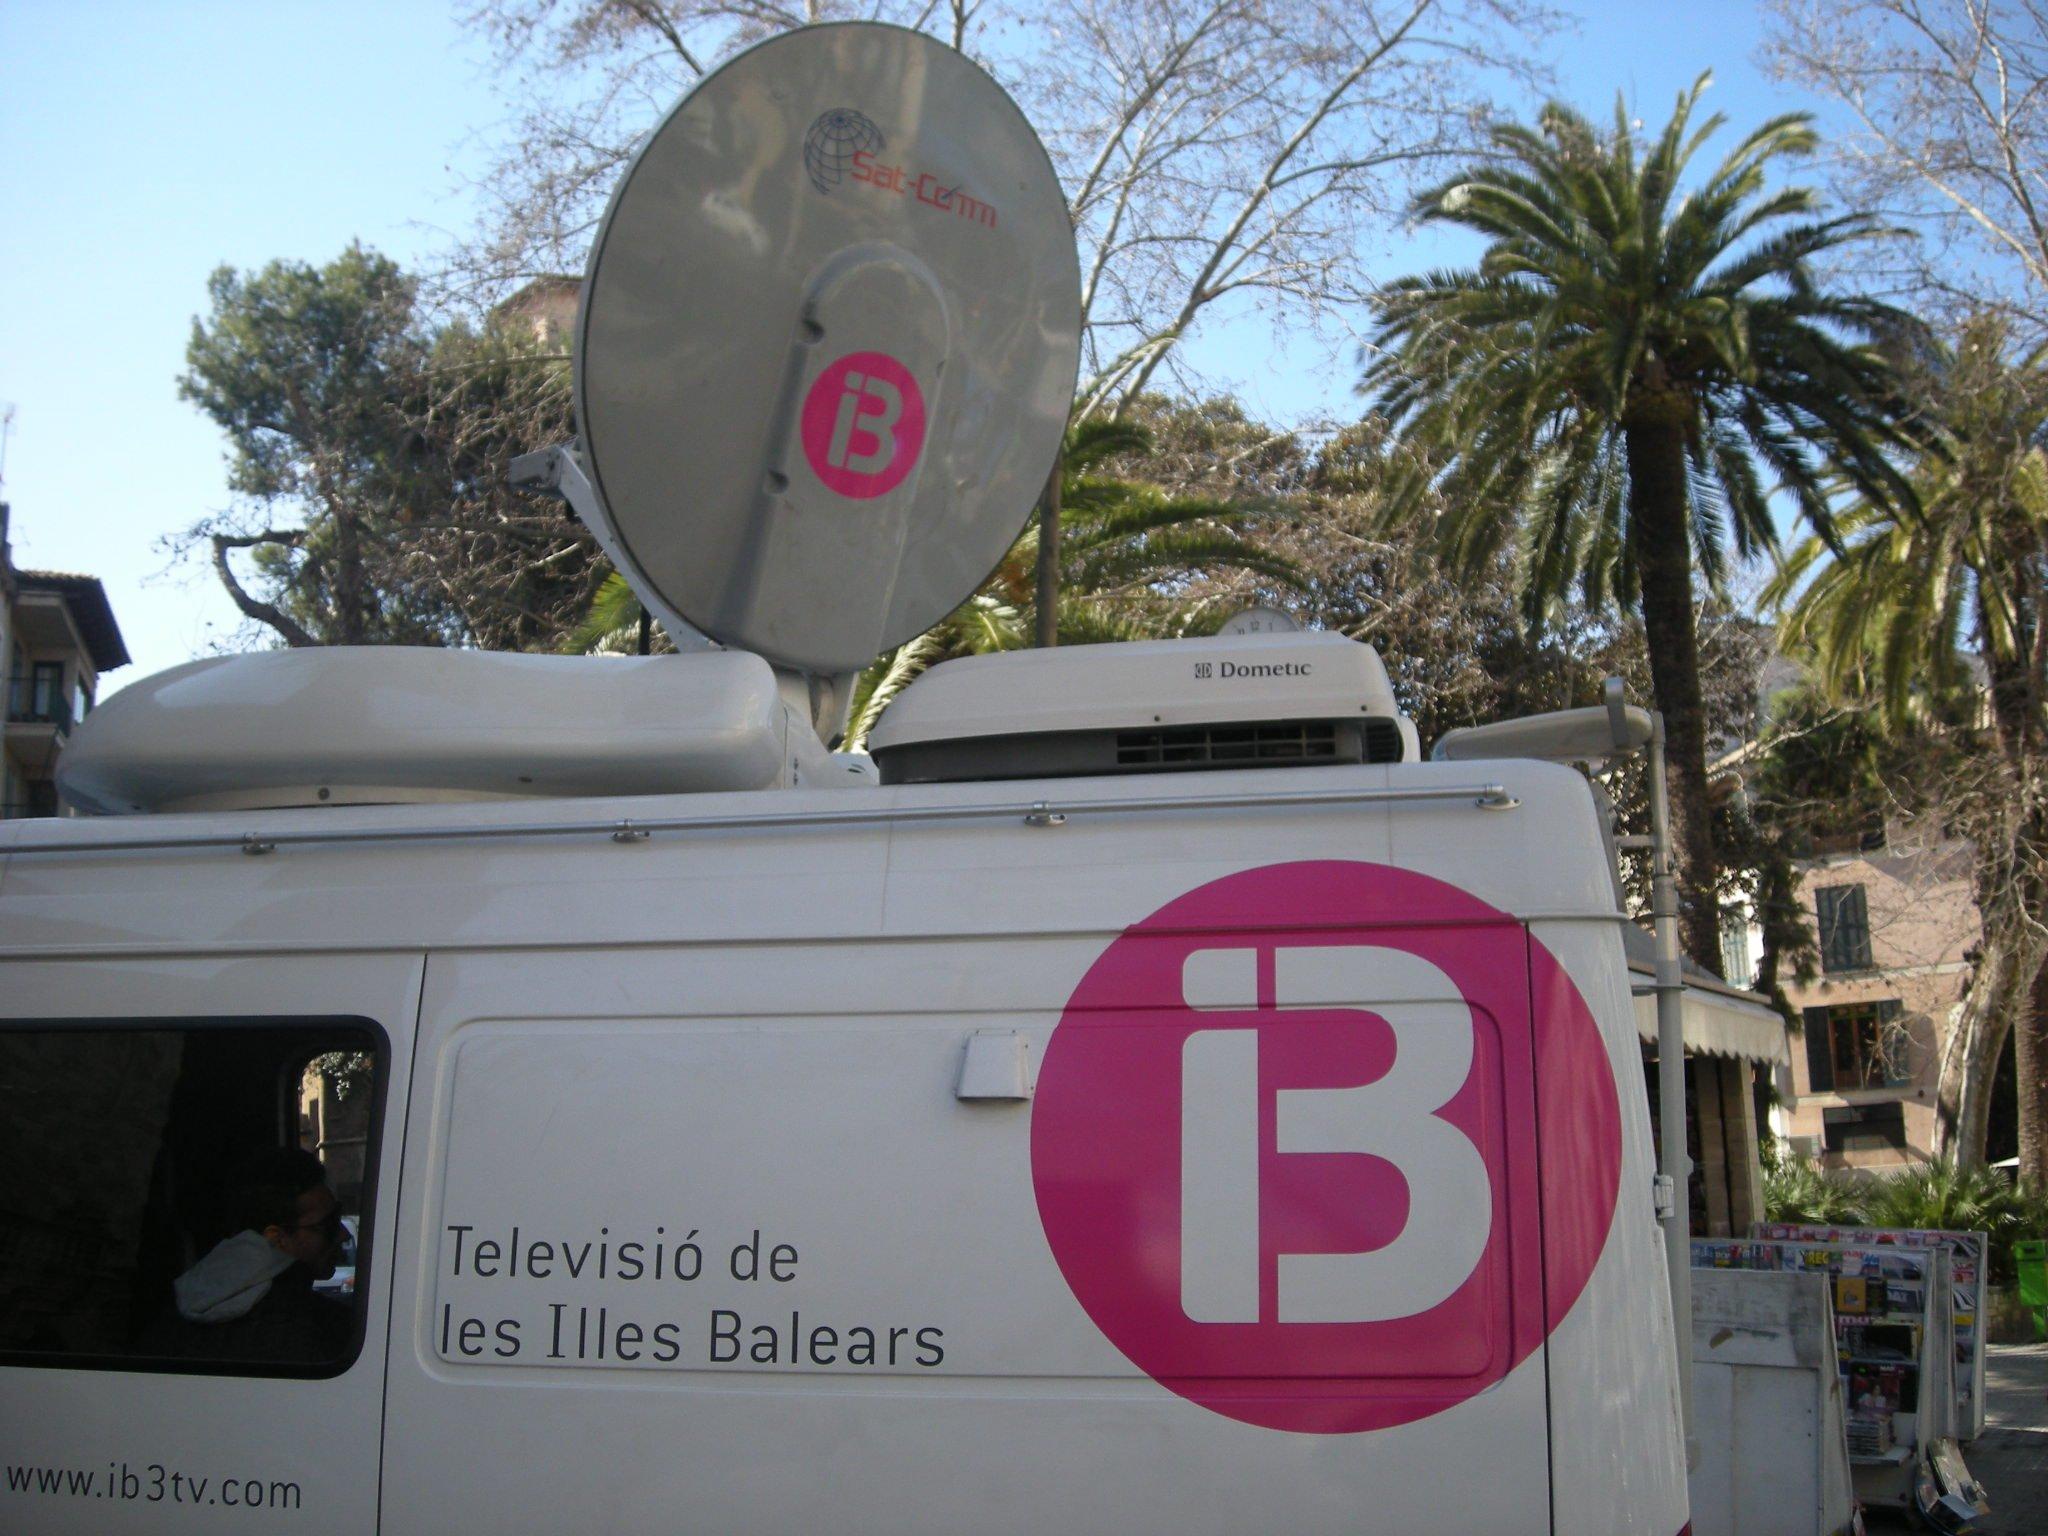 El Govern 'enchufa' otros 30 millones en IB3 pero 'electrocuta' de paso a los trabajadores de informativos y deportes